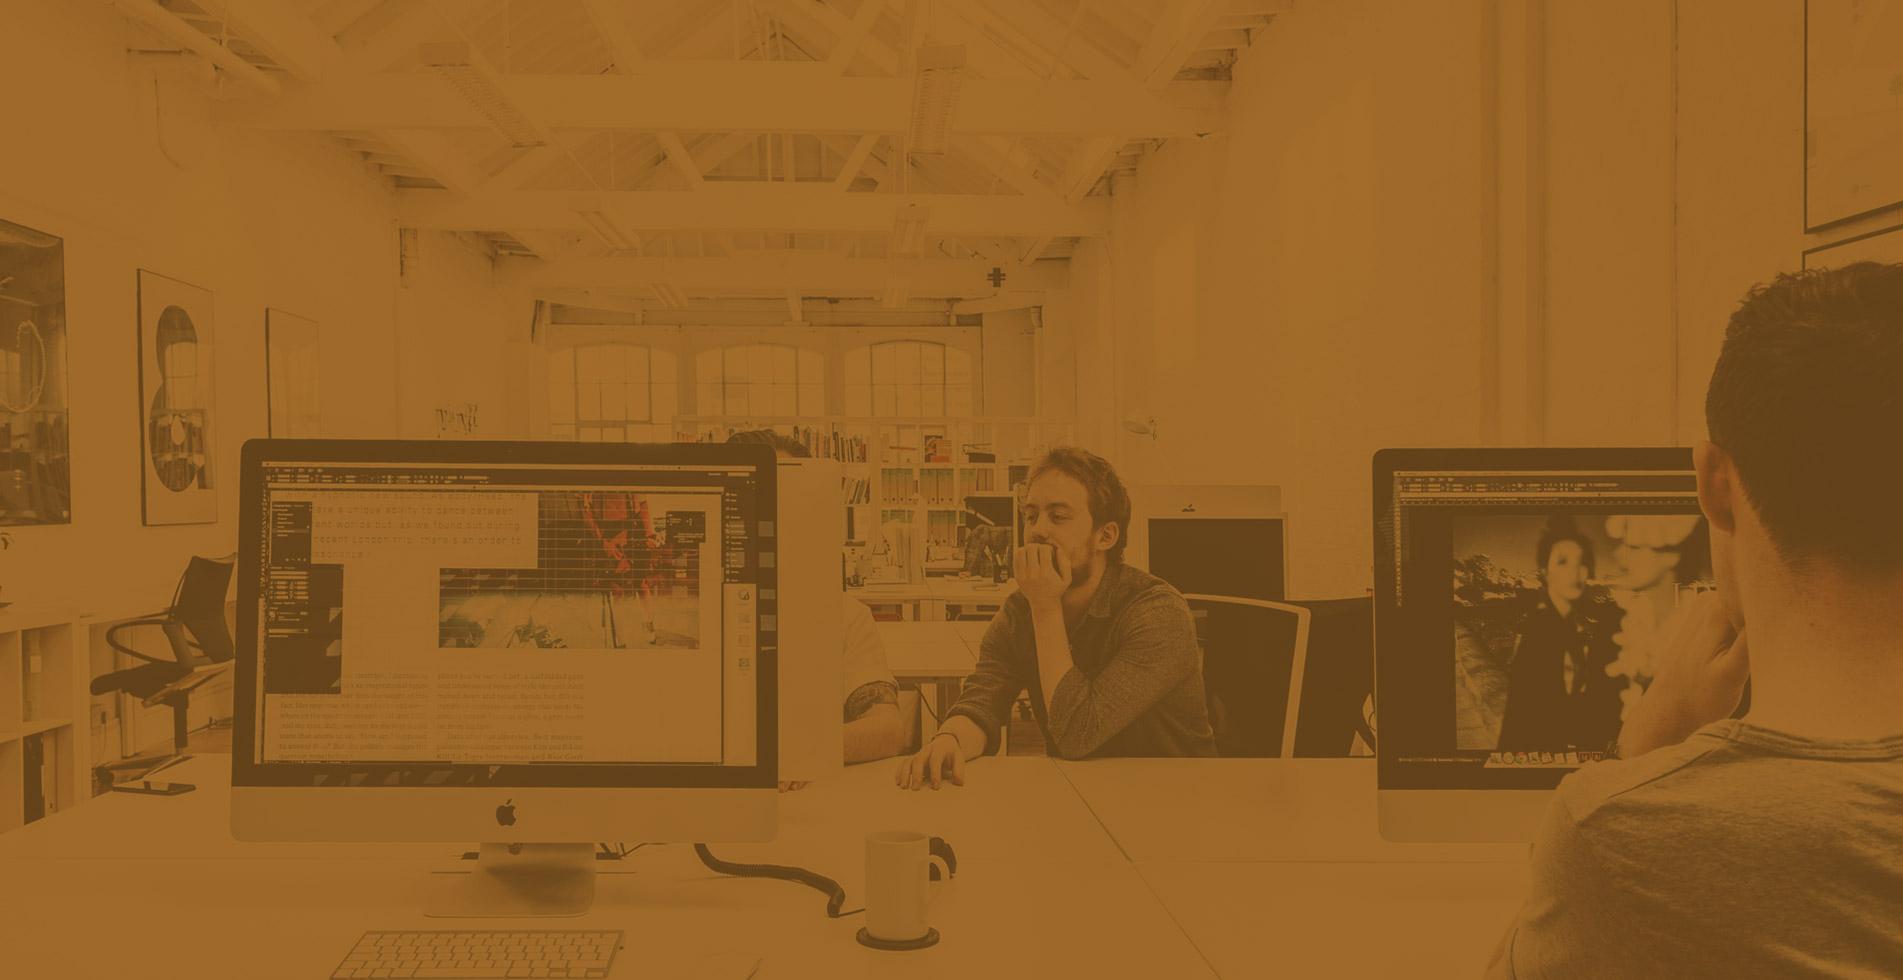 Capa de fundo do slider da página principal da Total FX.